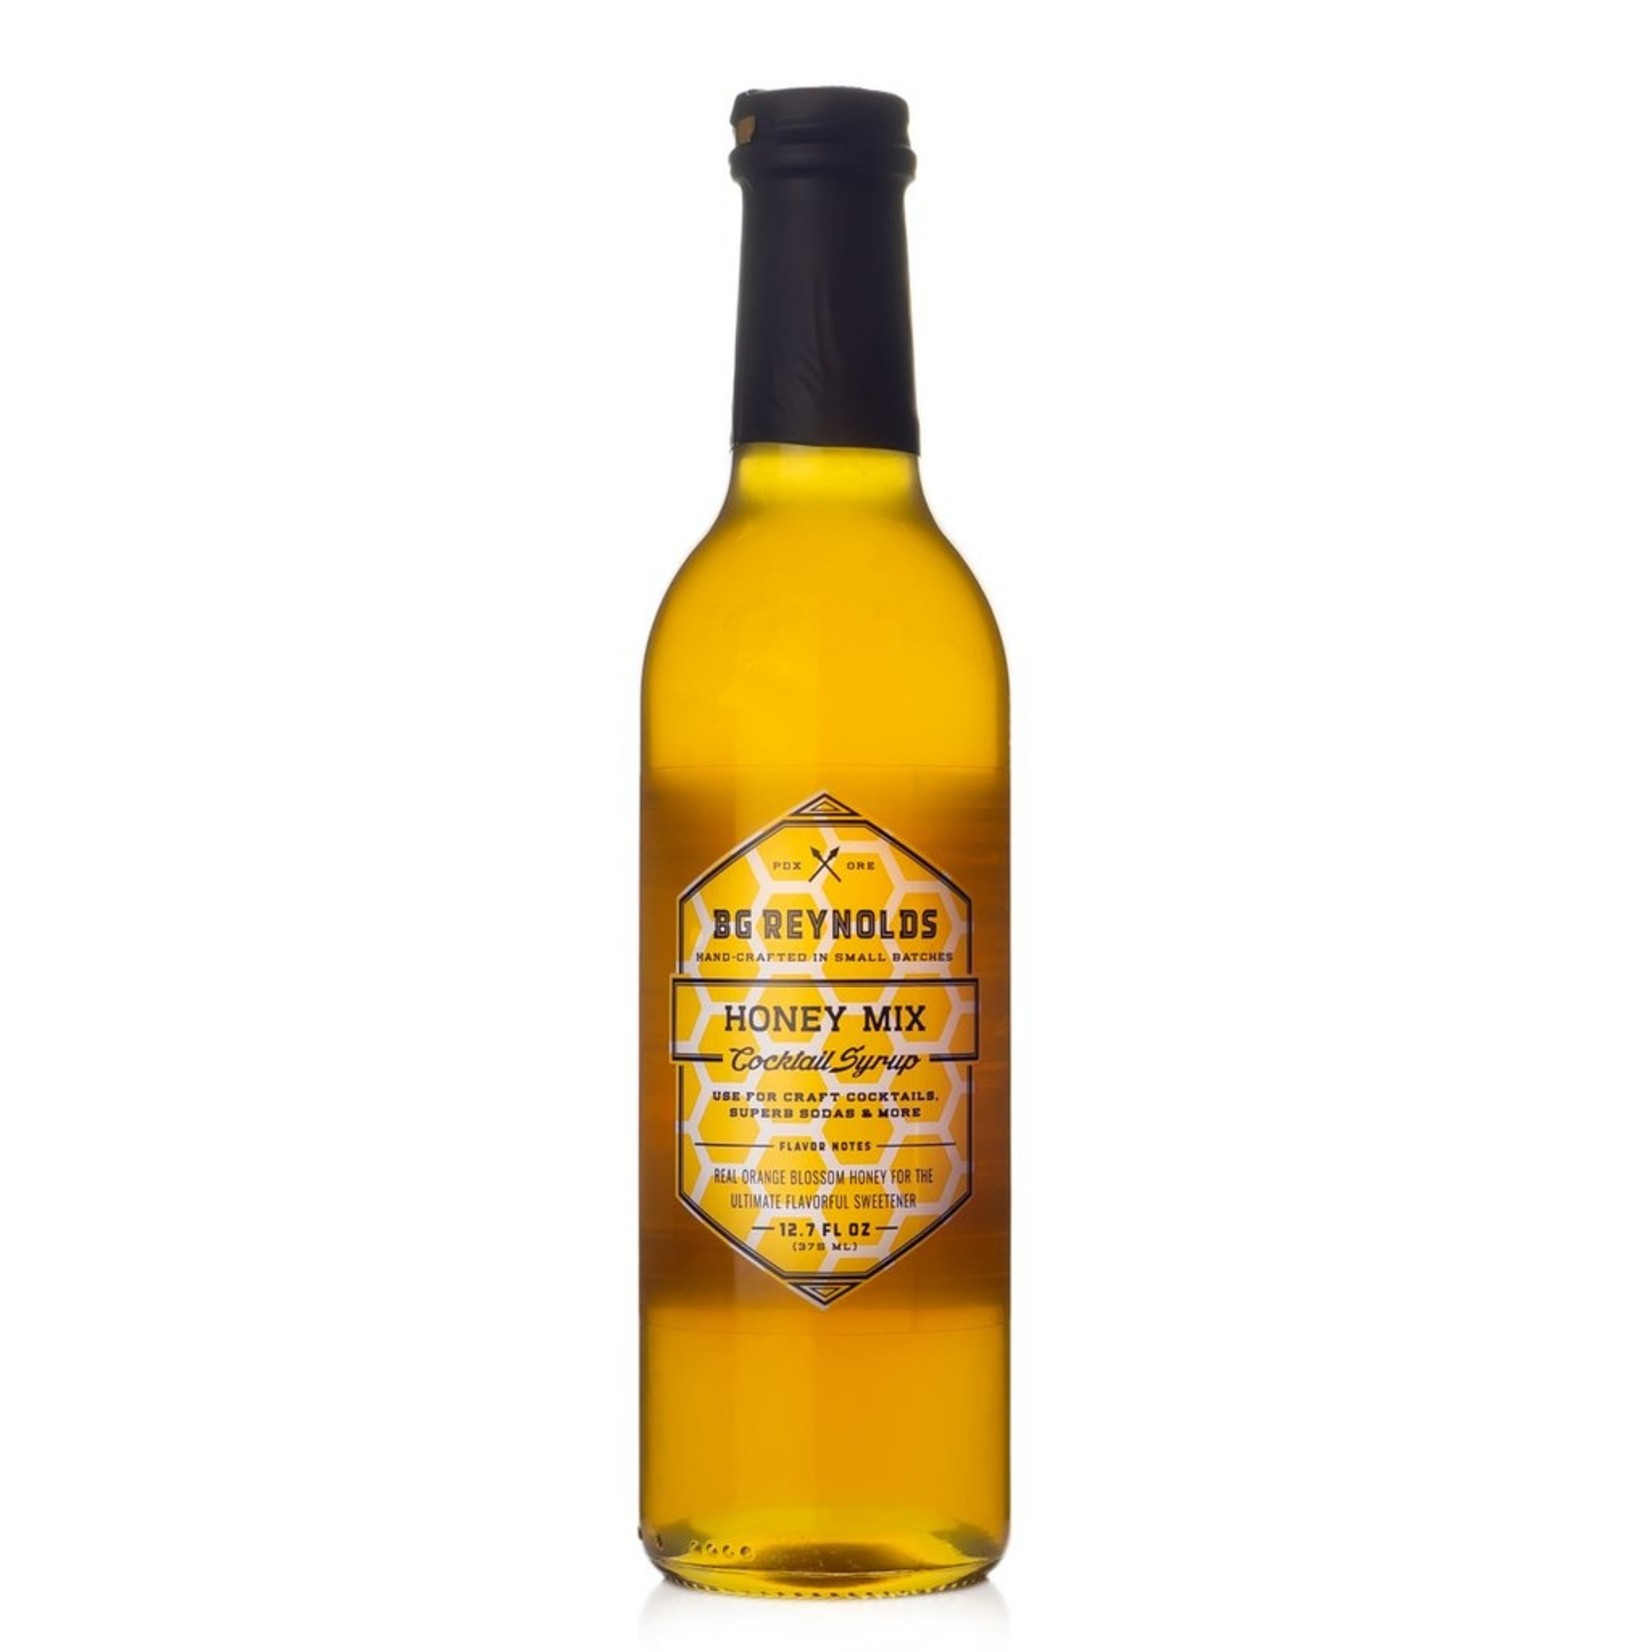 BG Reynolds BG Reynolds Syrup Honey Mix 375ml